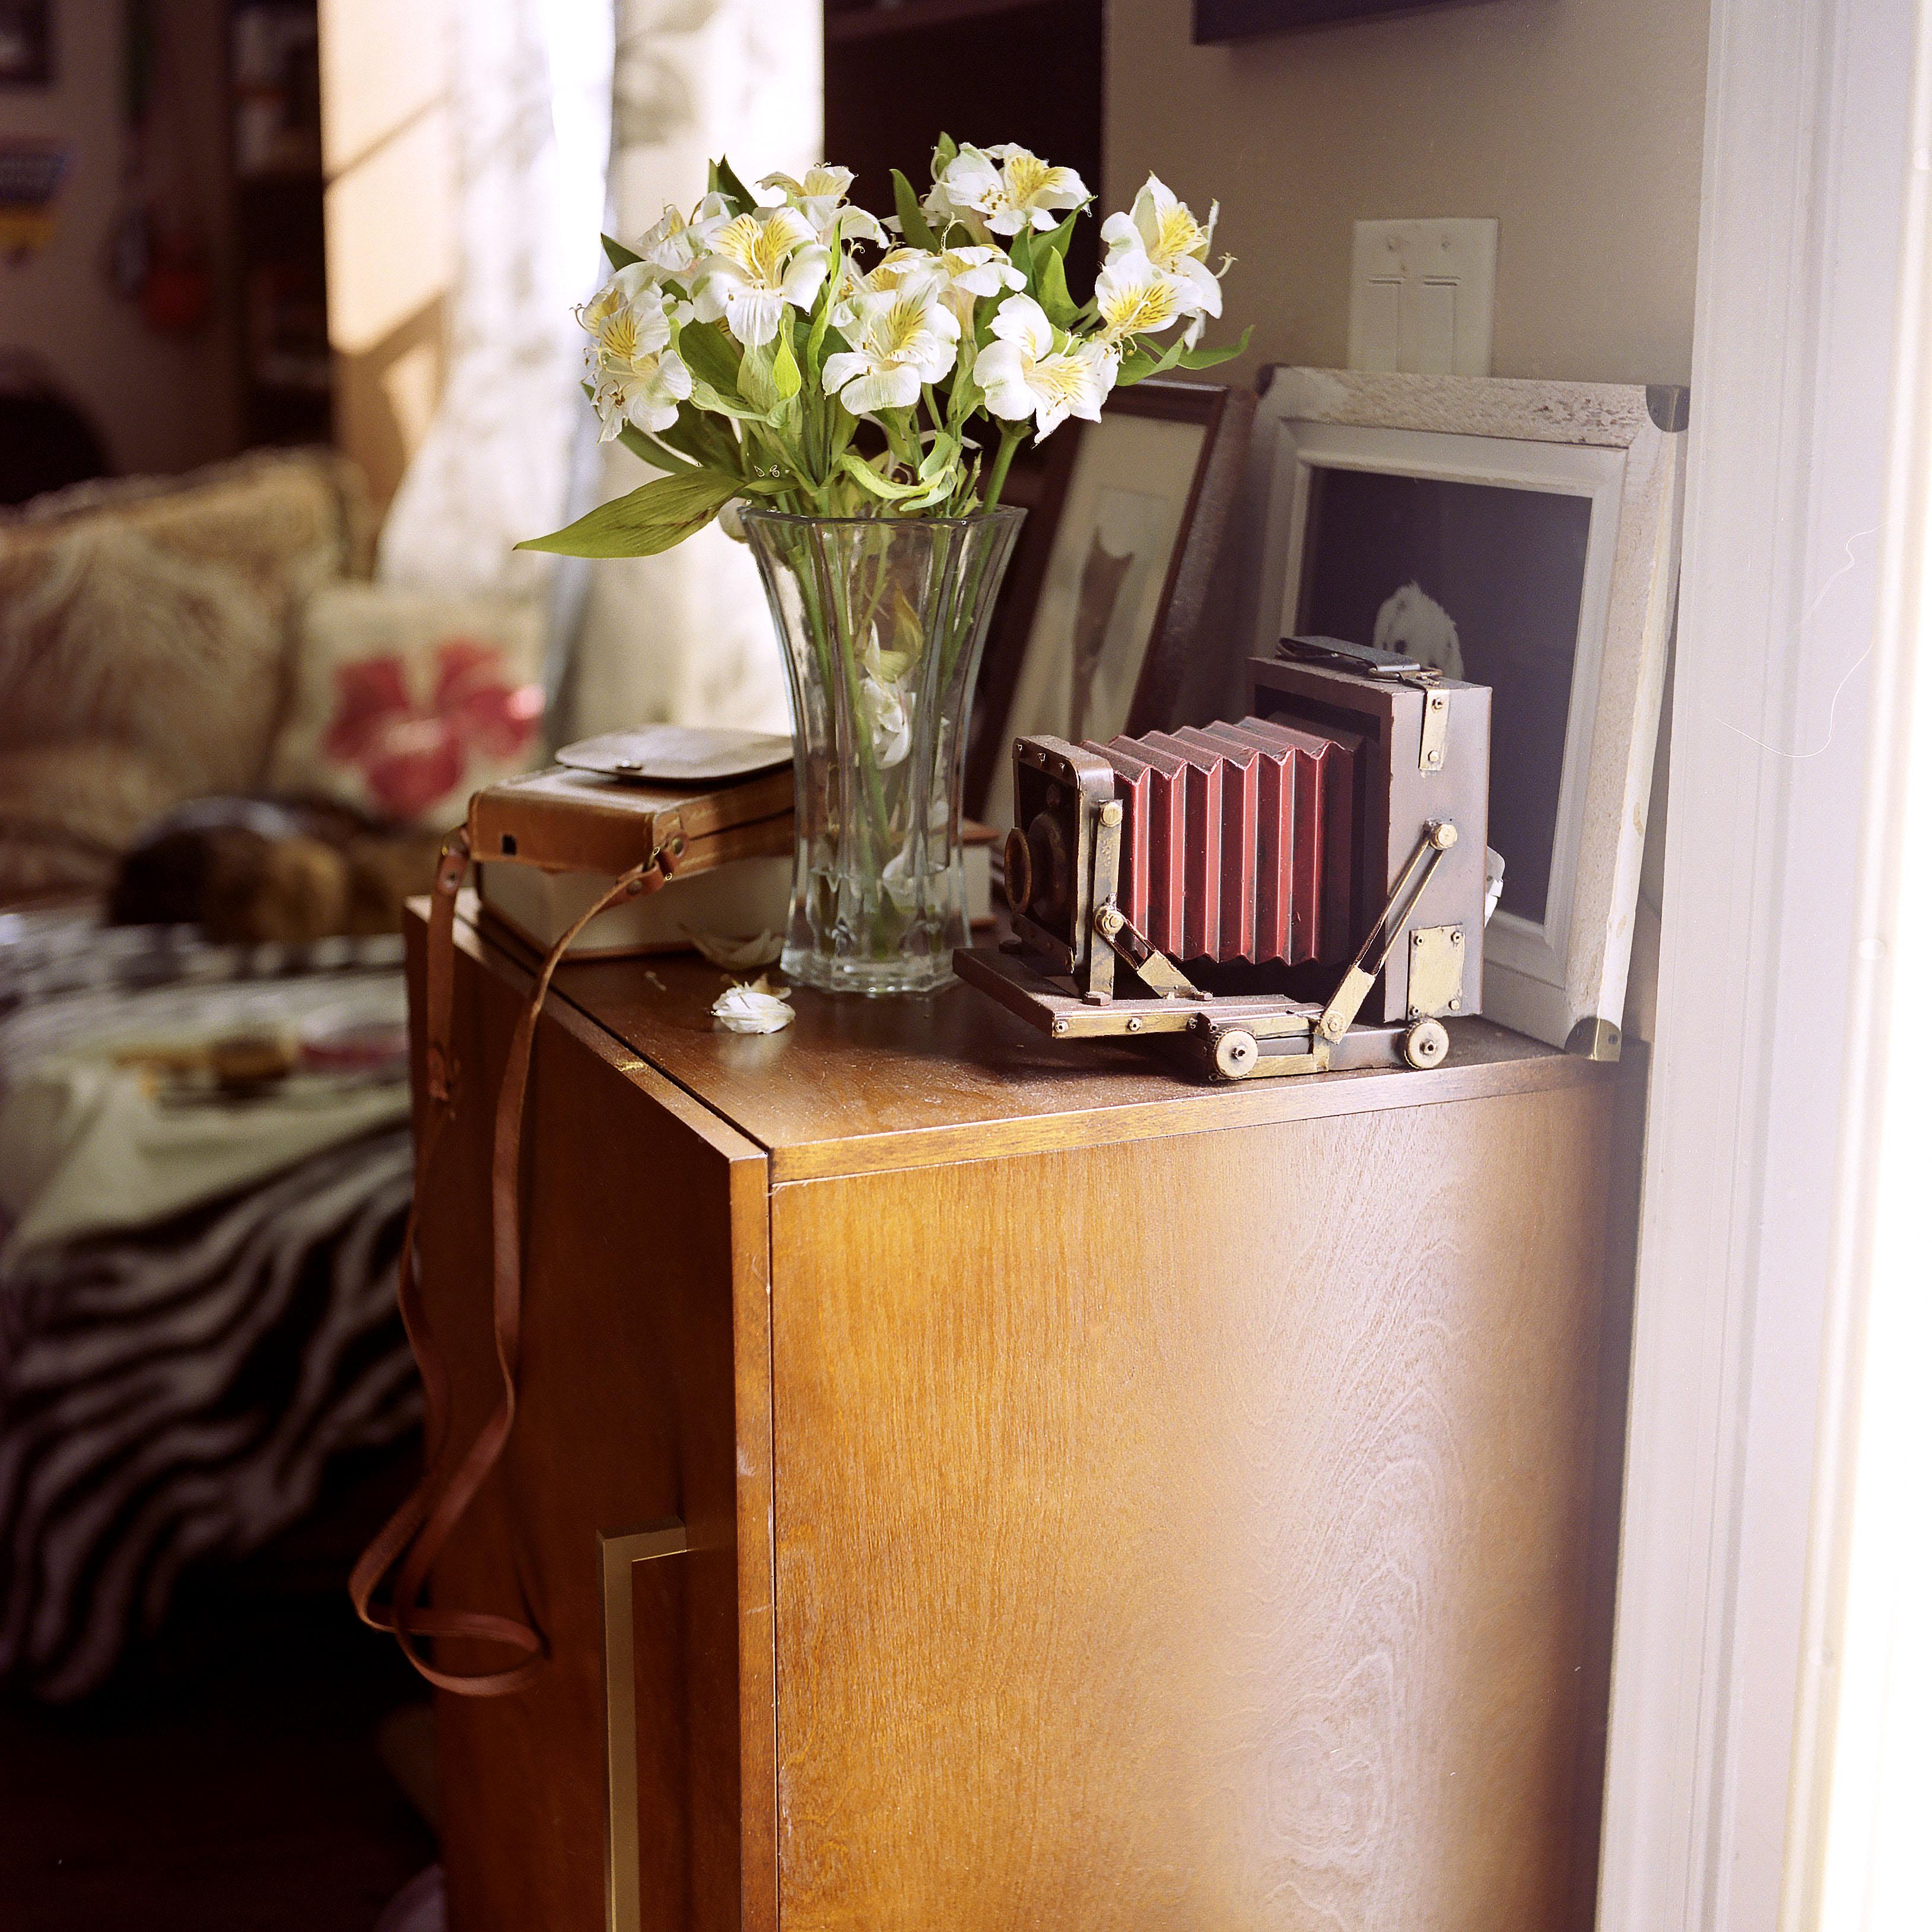 Rolleiflex Automat with Kodak Portra 400